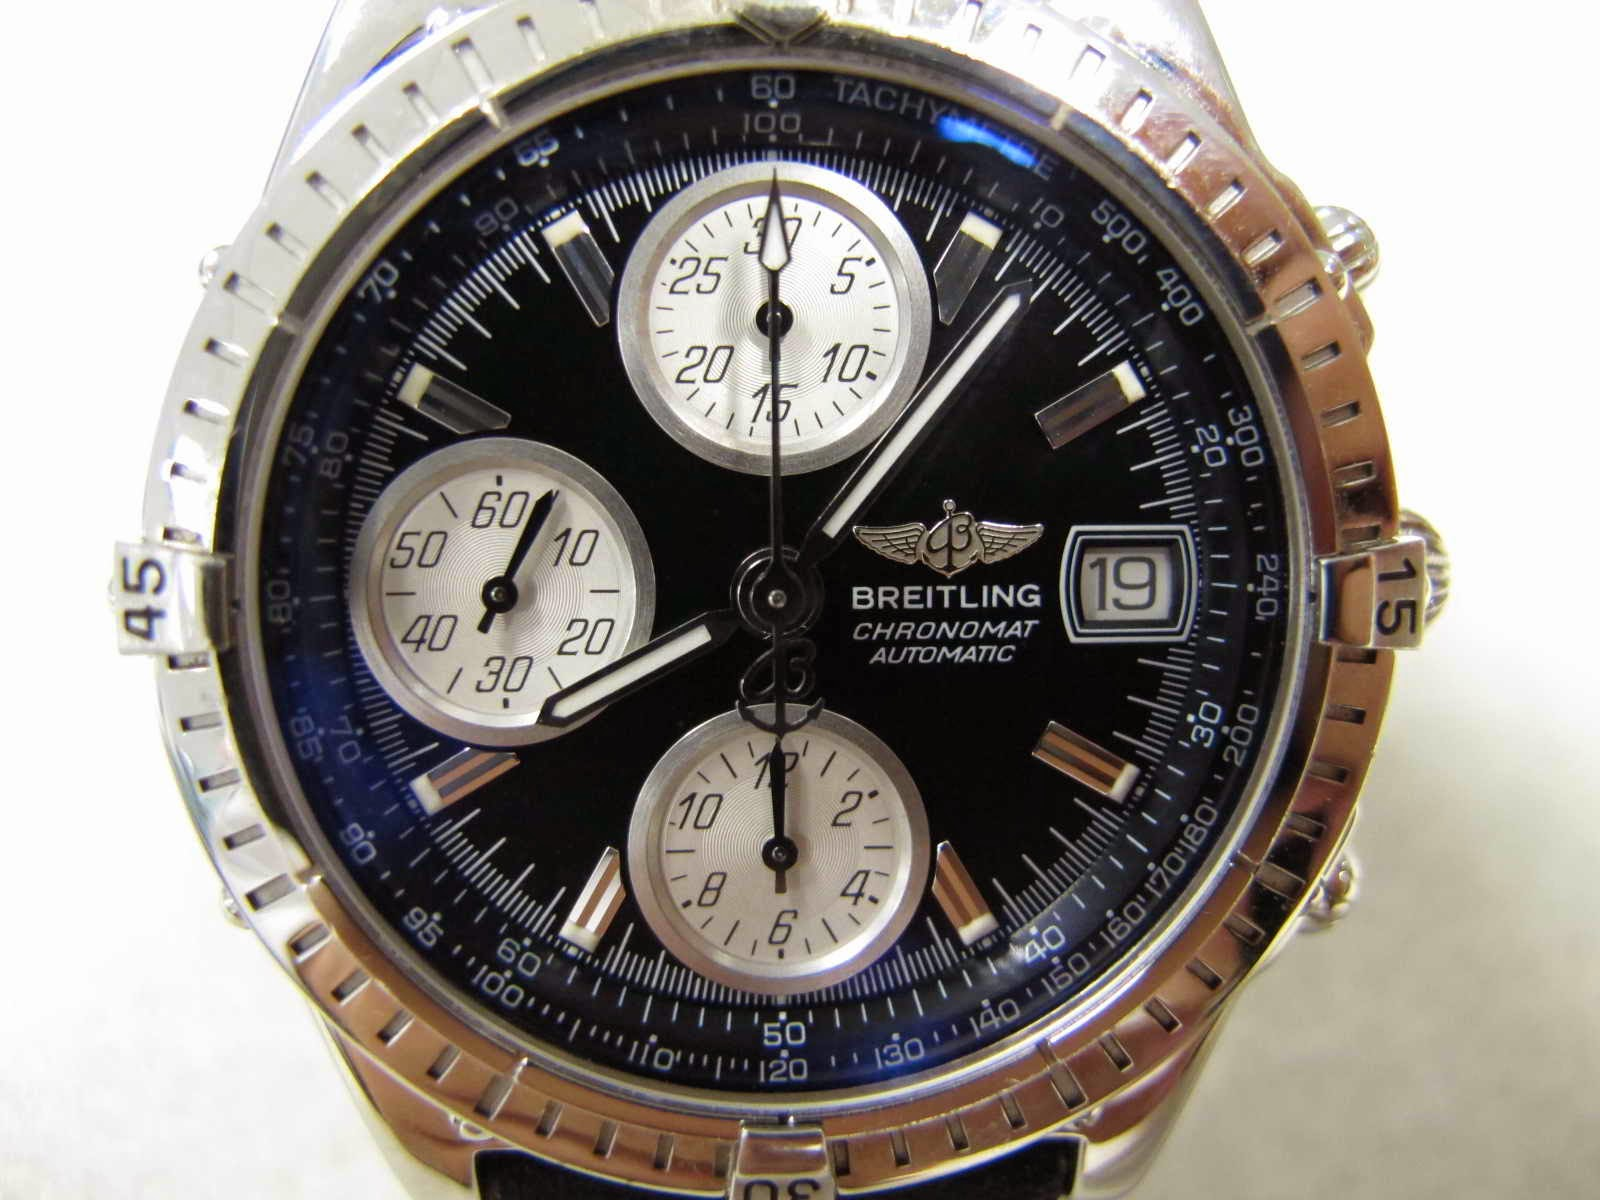 Cocok untuk Anda seorang BREITLING Mania yang sedang mencari jam tangan BREITLING CHRONOMAT Automatic macam ini